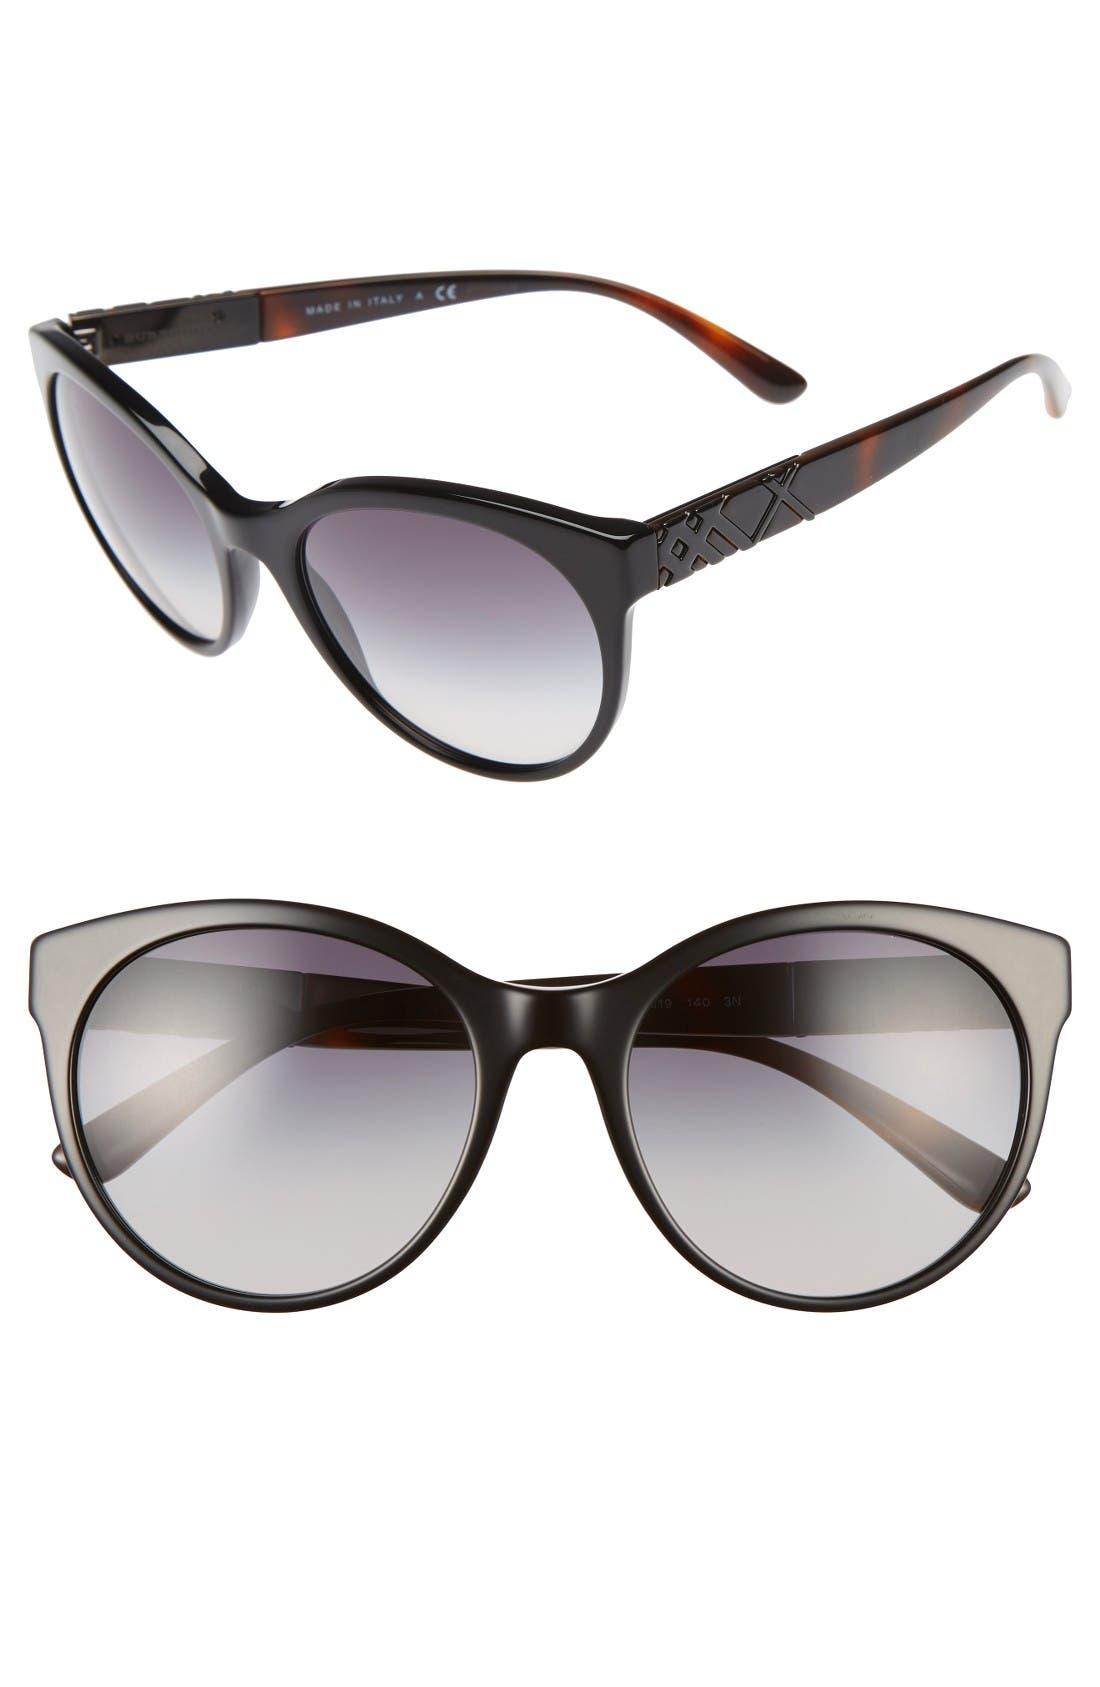 Burberry 56mm Retro Sunglasses